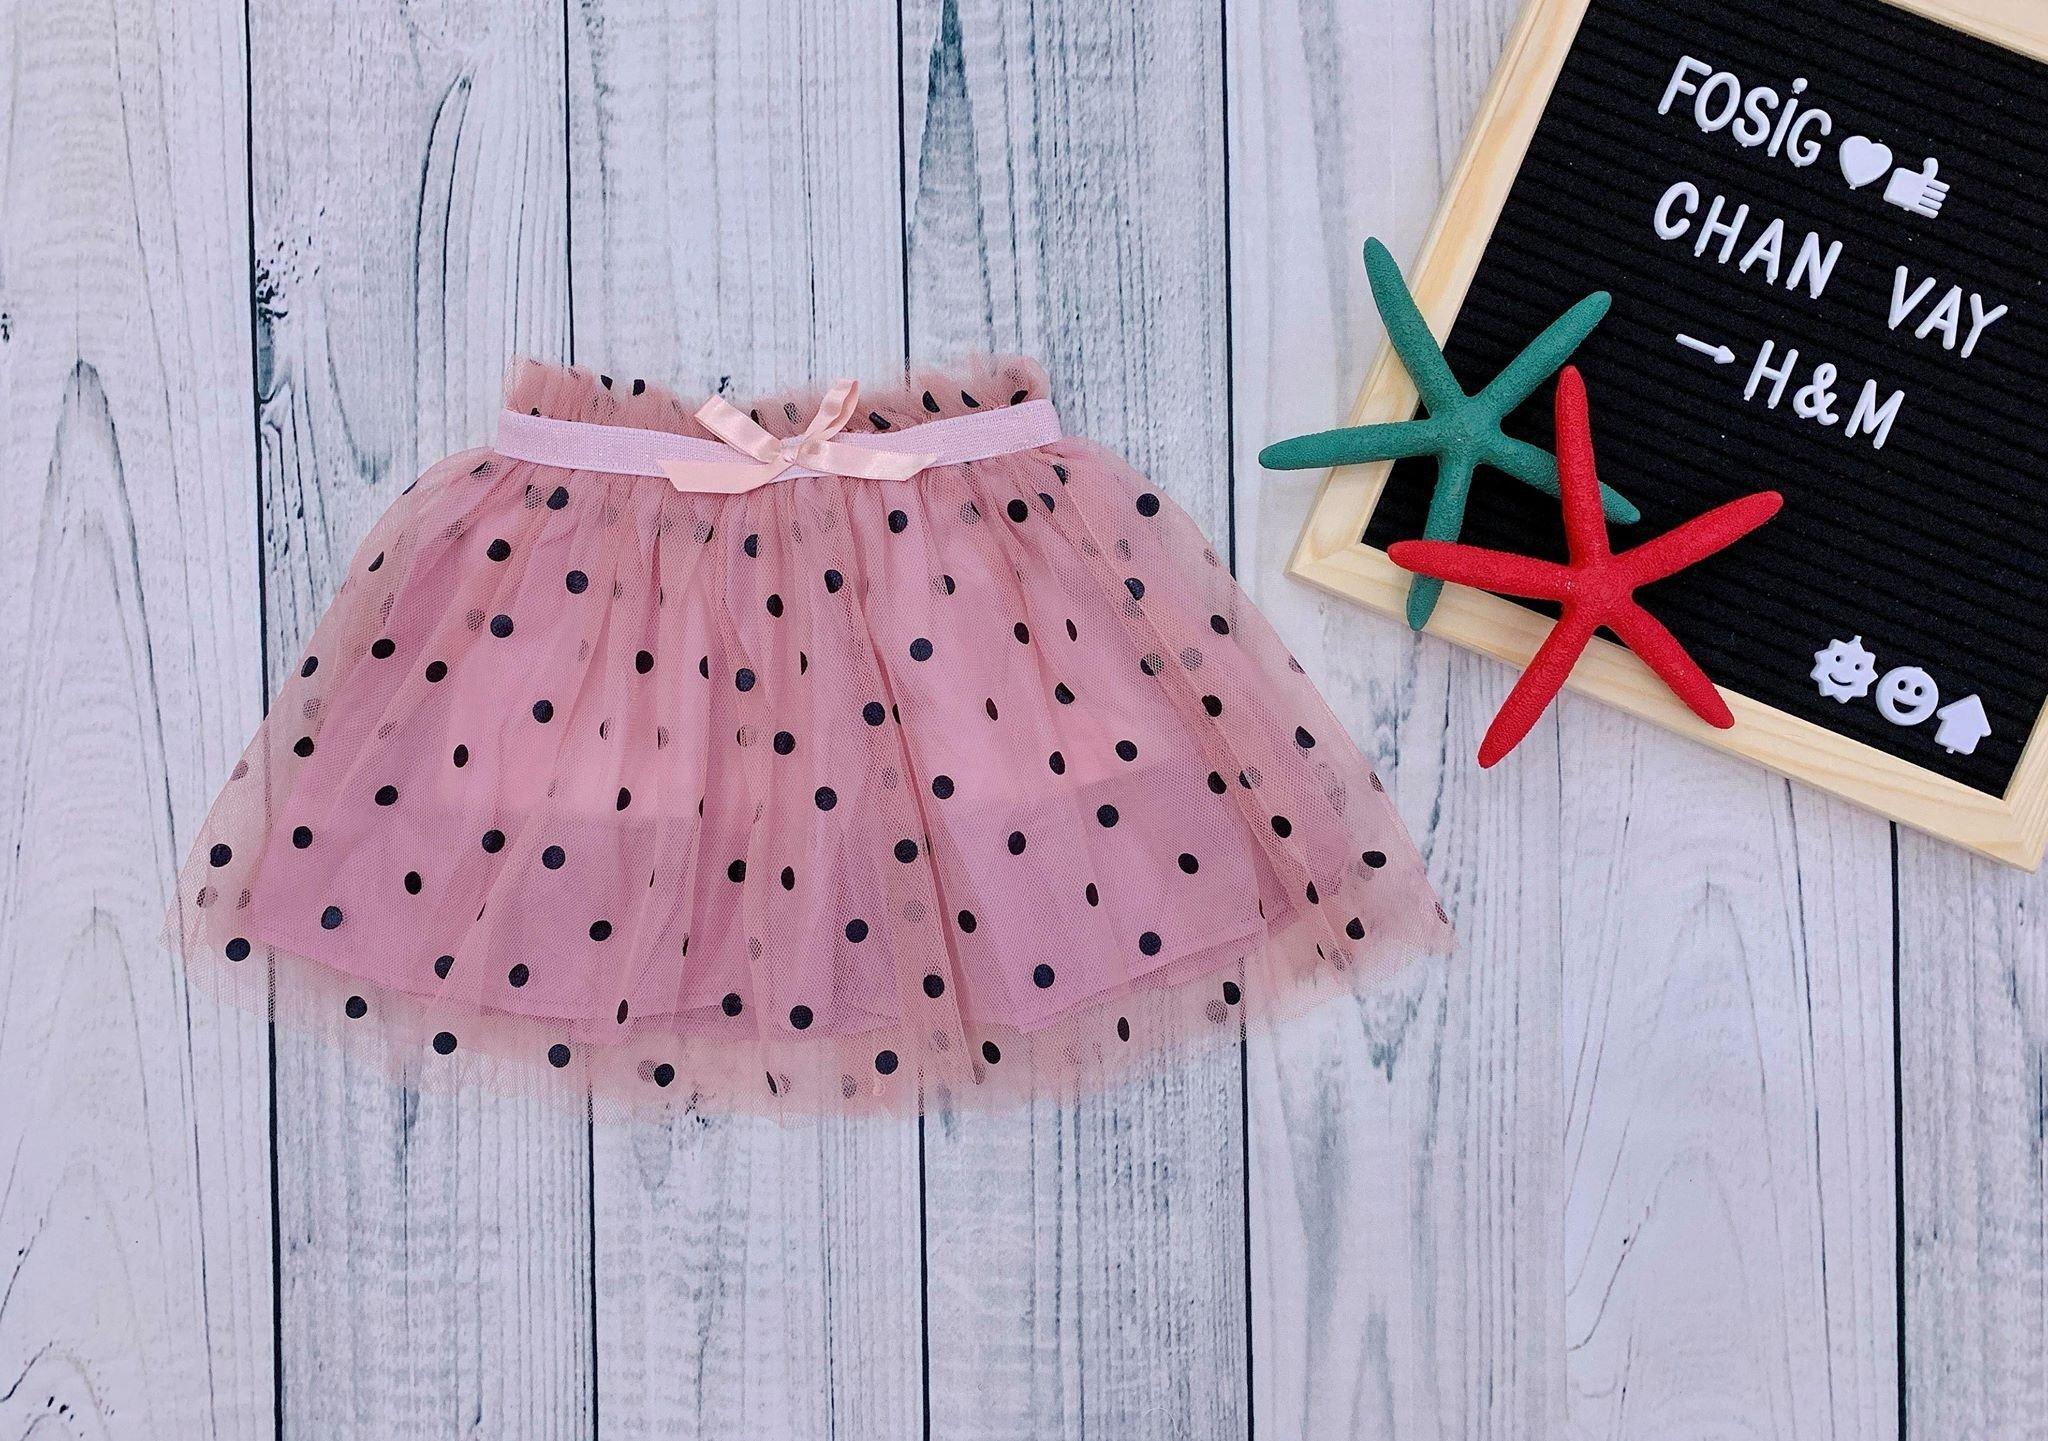 [8-17kg] Chân Váy H&M [Girl] - Hồng/Chấm Bi